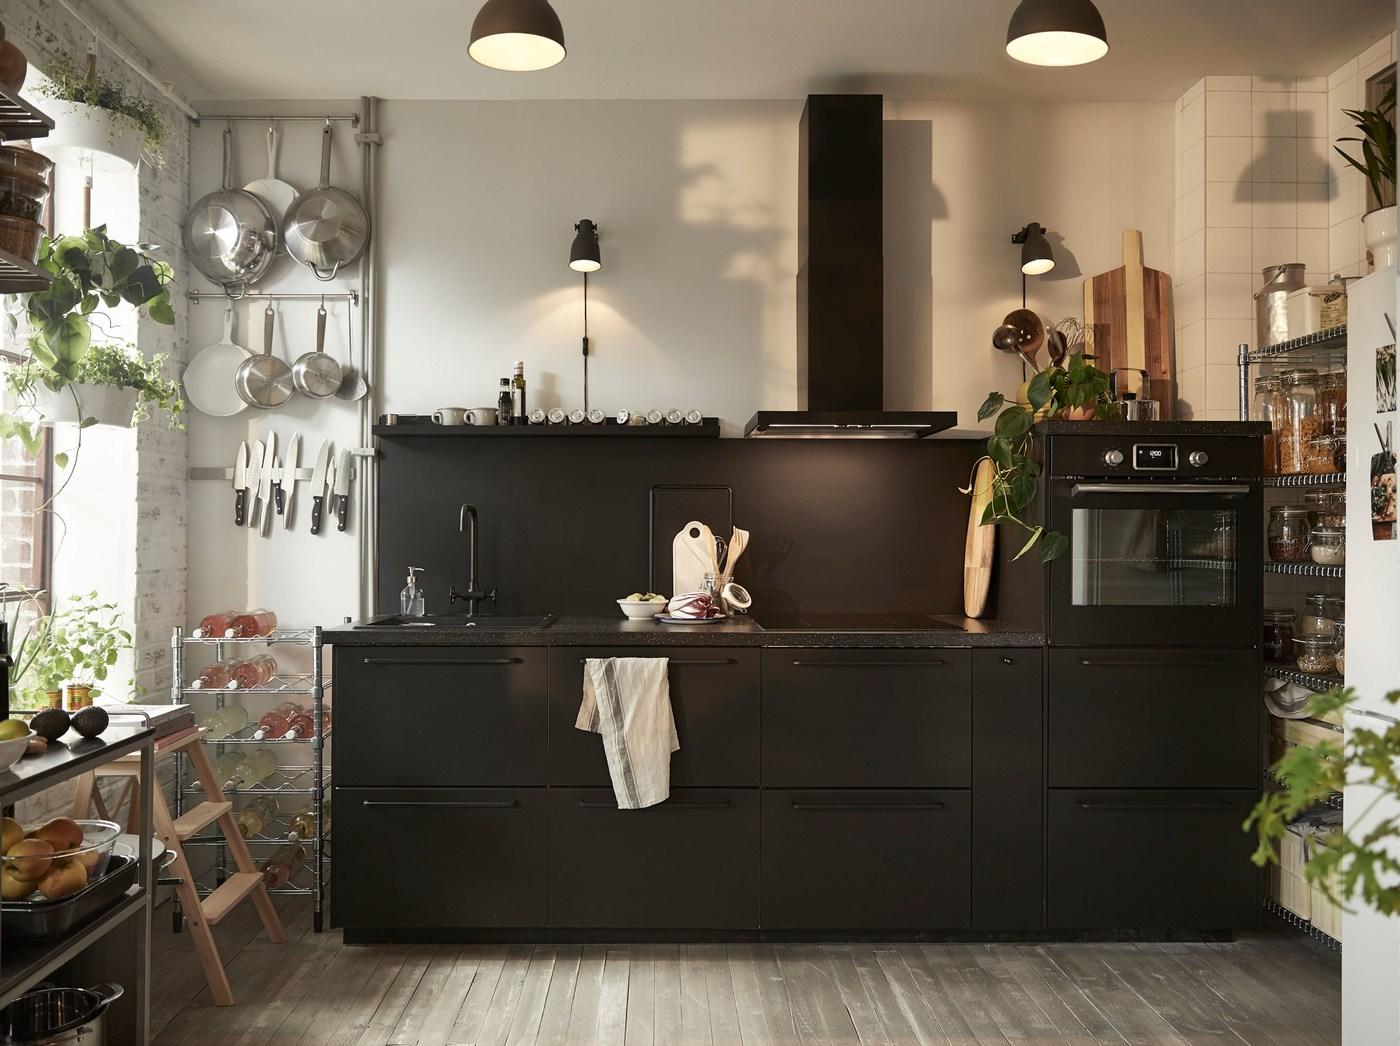 Kuche Inspirationen Fur Dein Zuhause Ikea